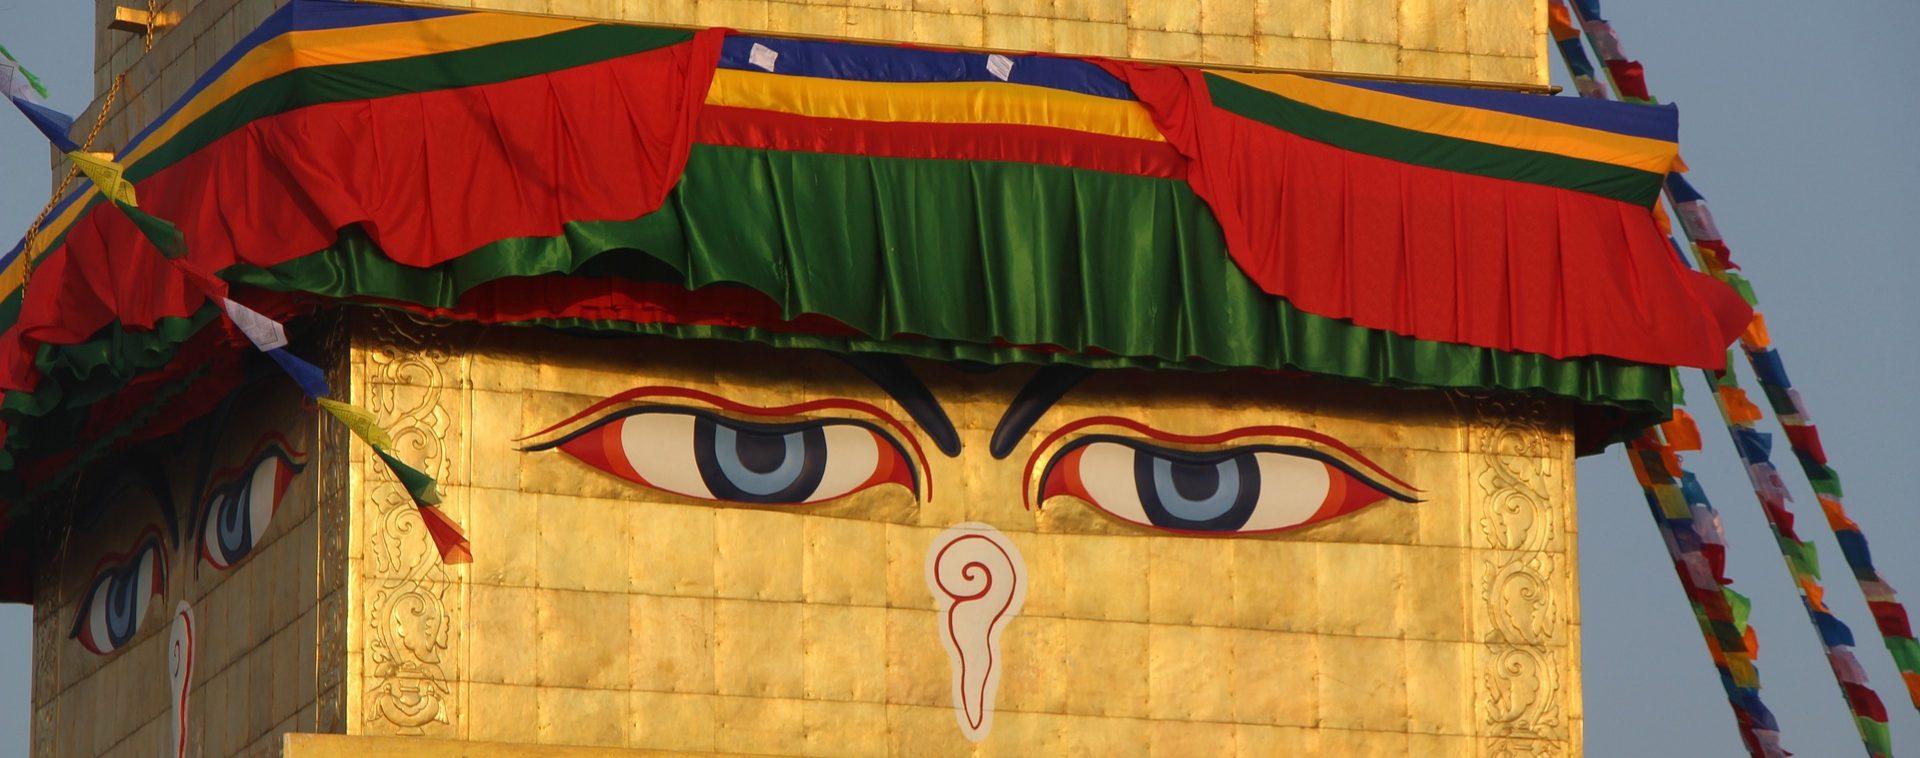 Népal - Trek et bouddhisme chez les Sherpa du Solu - Les matins du monde